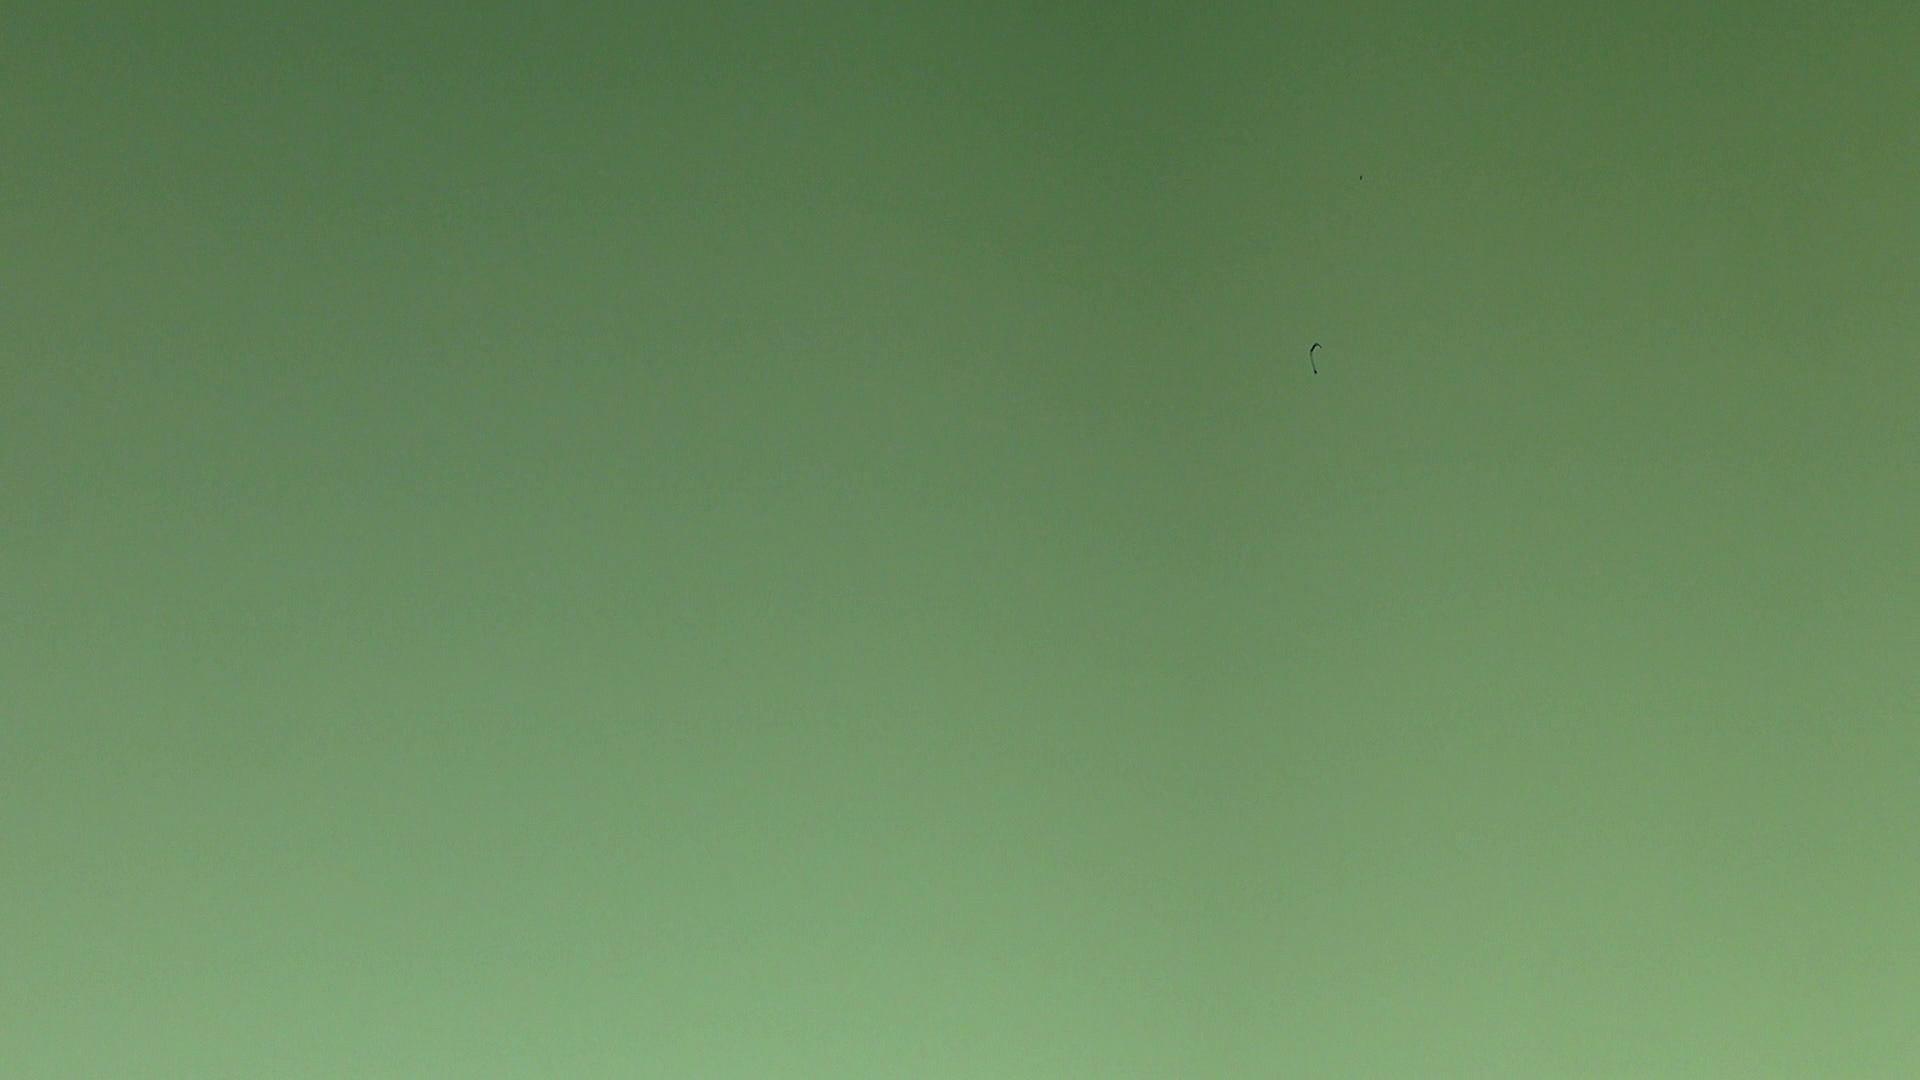 上級者の方専用 vol.03 OLセックス | 0  82画像 23